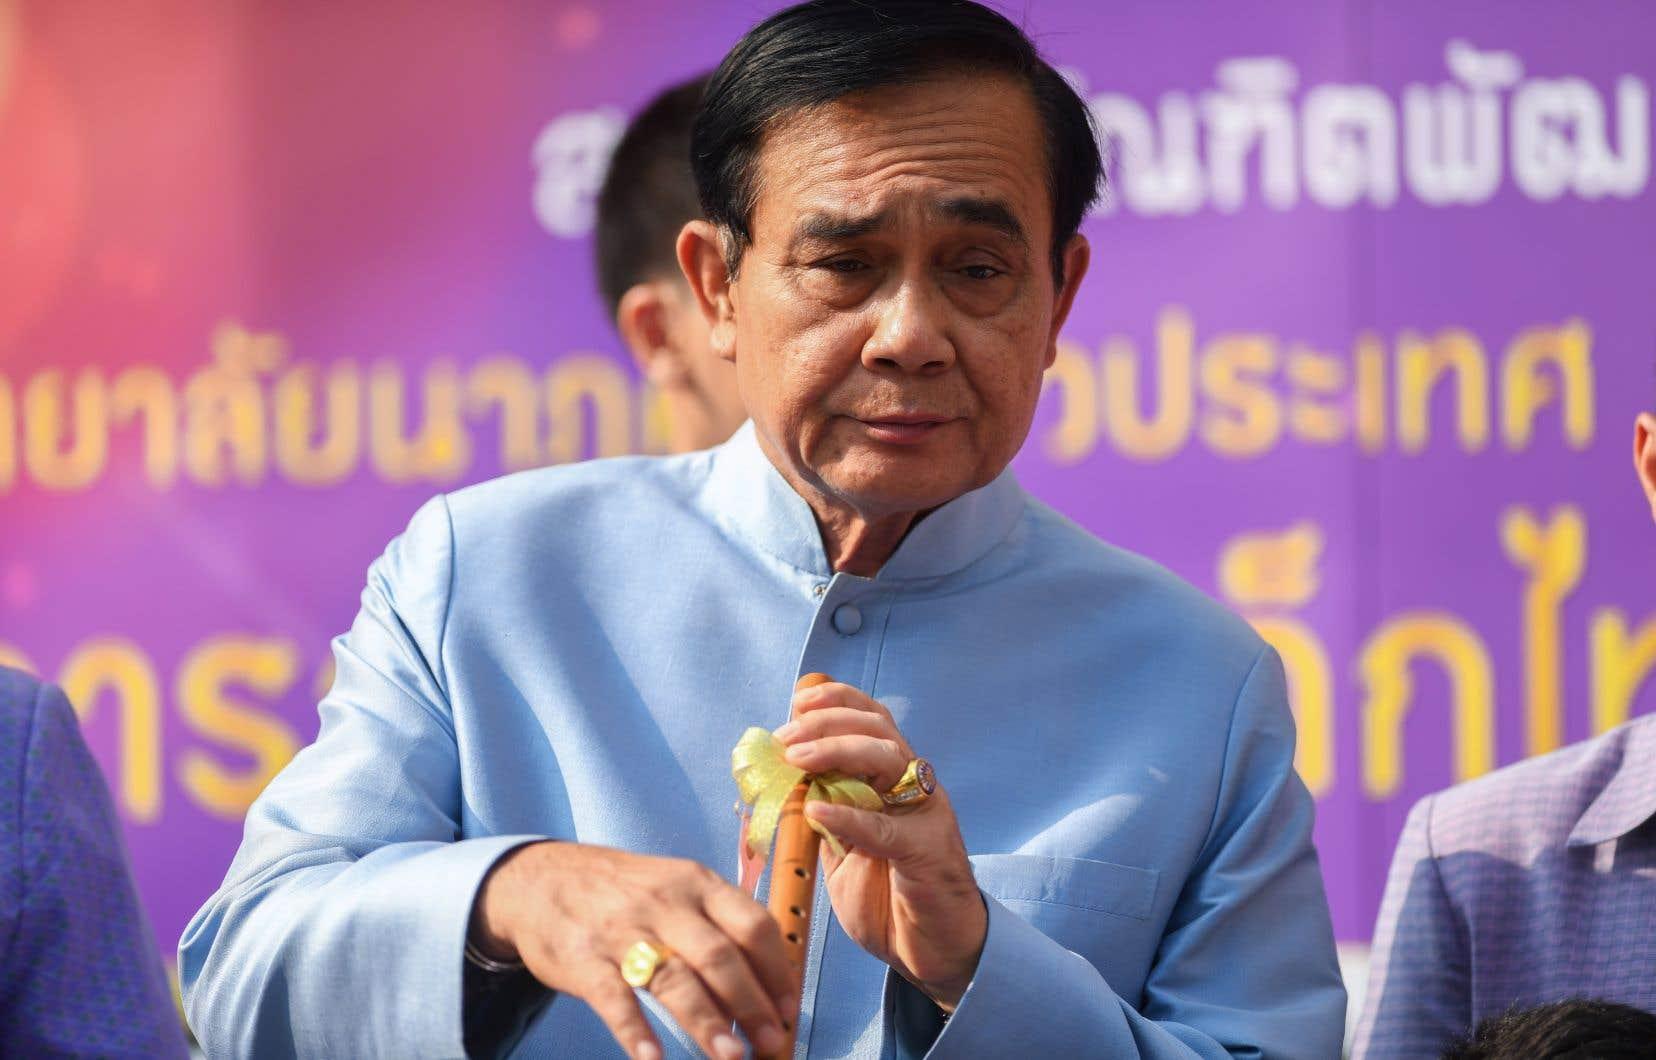 Le chef de la junte Prayut Chan-O-Cha, confiant dans ses chances de victoire, est allé jusqu'à jouer quelques notes de flûte devant les caméras.